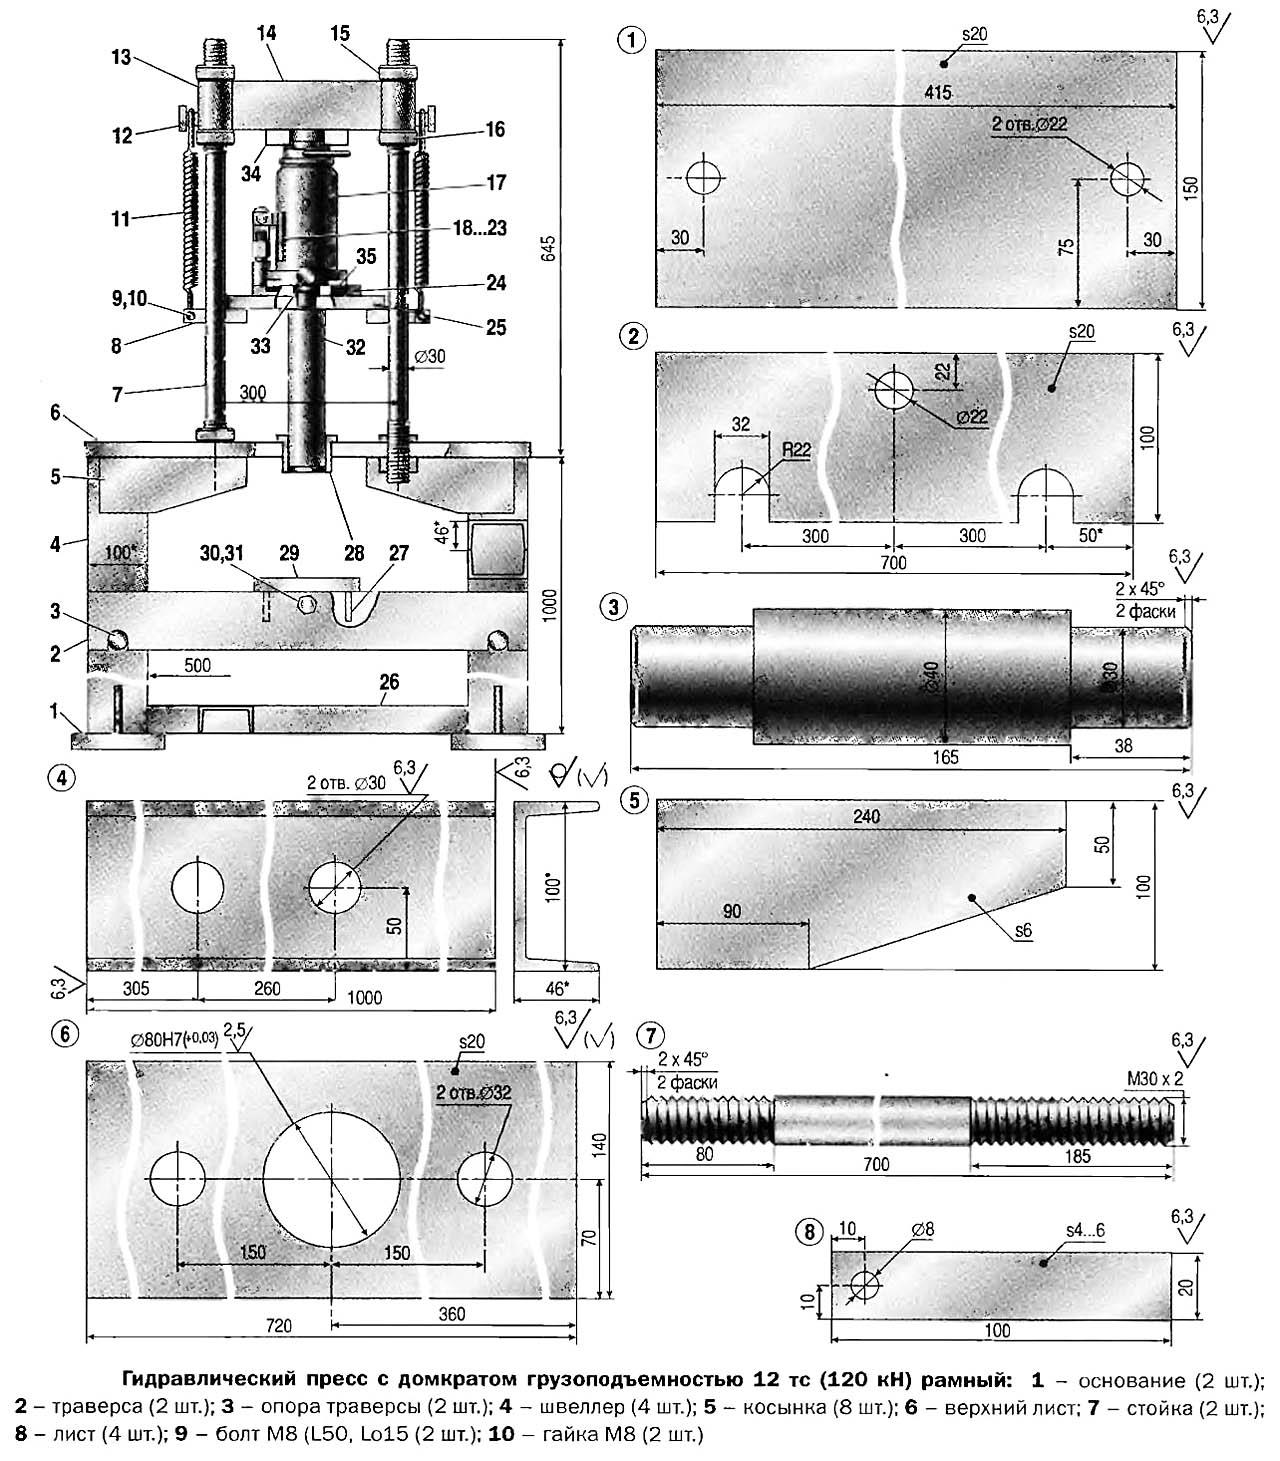 Чертежи производственно-технологического гидравлического пресса из домкрата с усилием в 12 тс